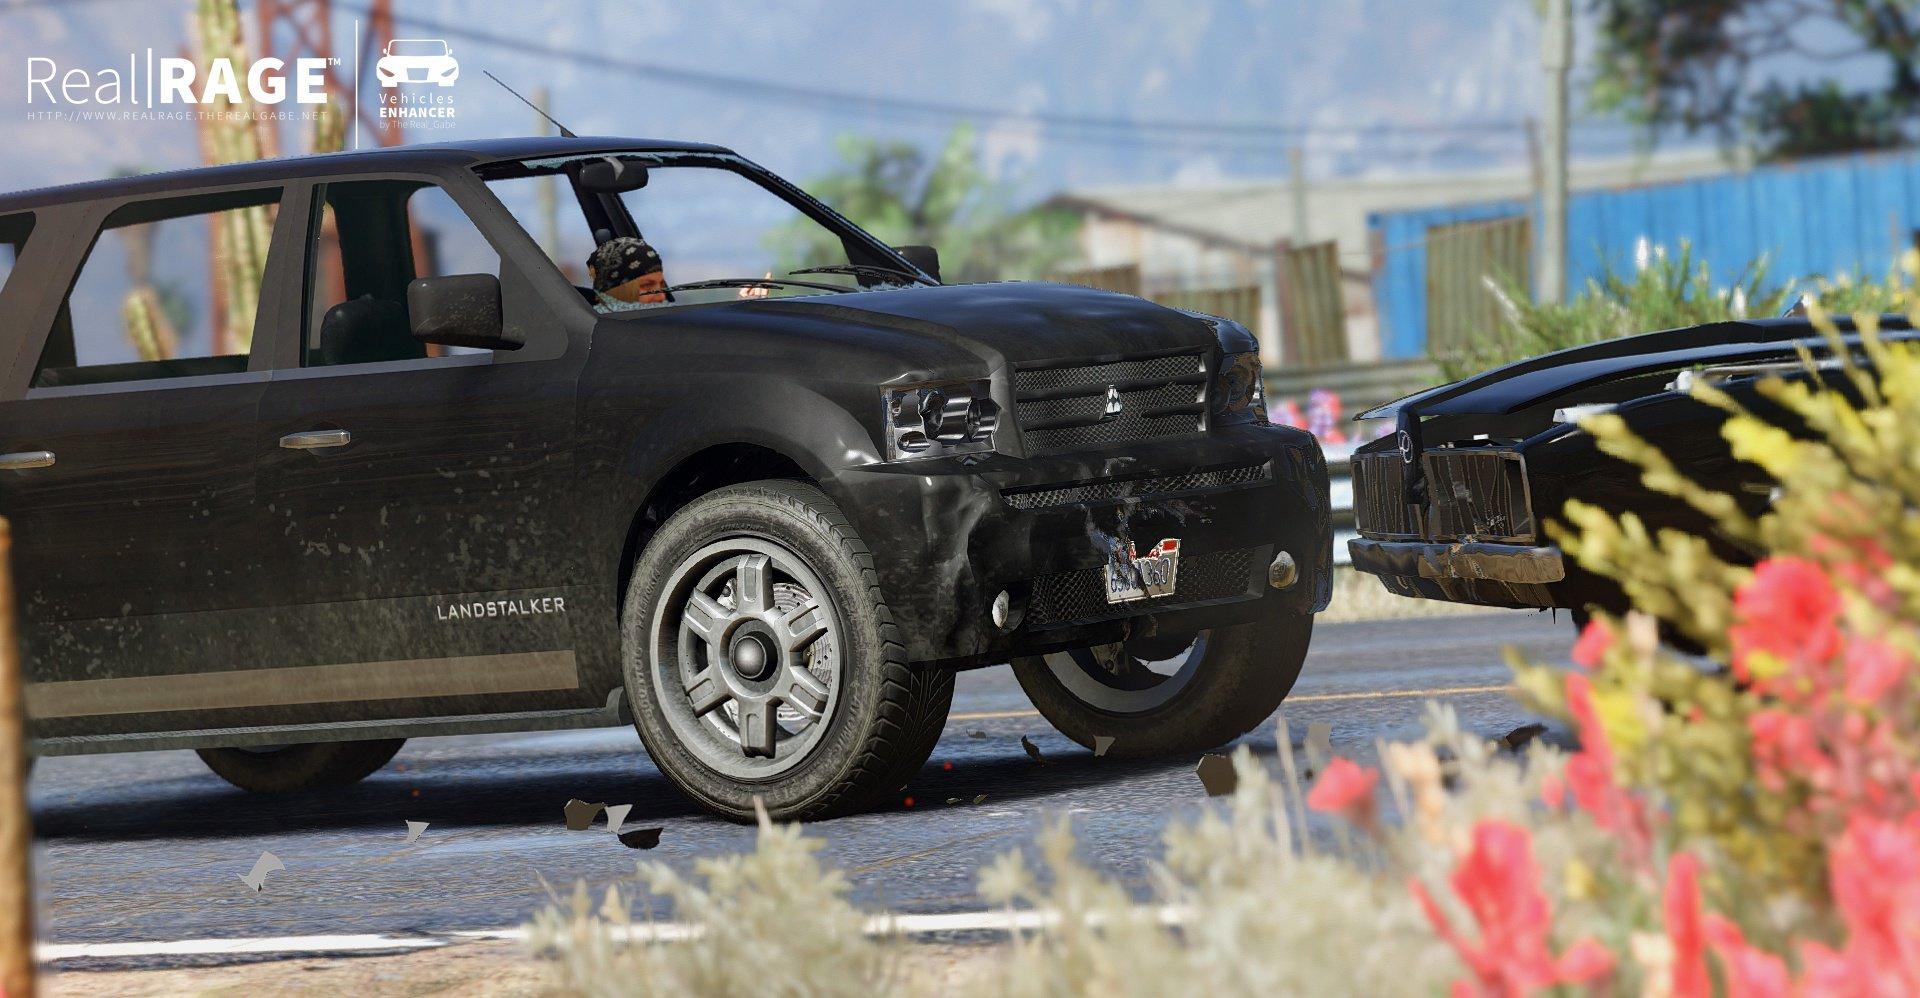 Real   RAGE™ - The GTA V Enhancer - GTA5-Mods com